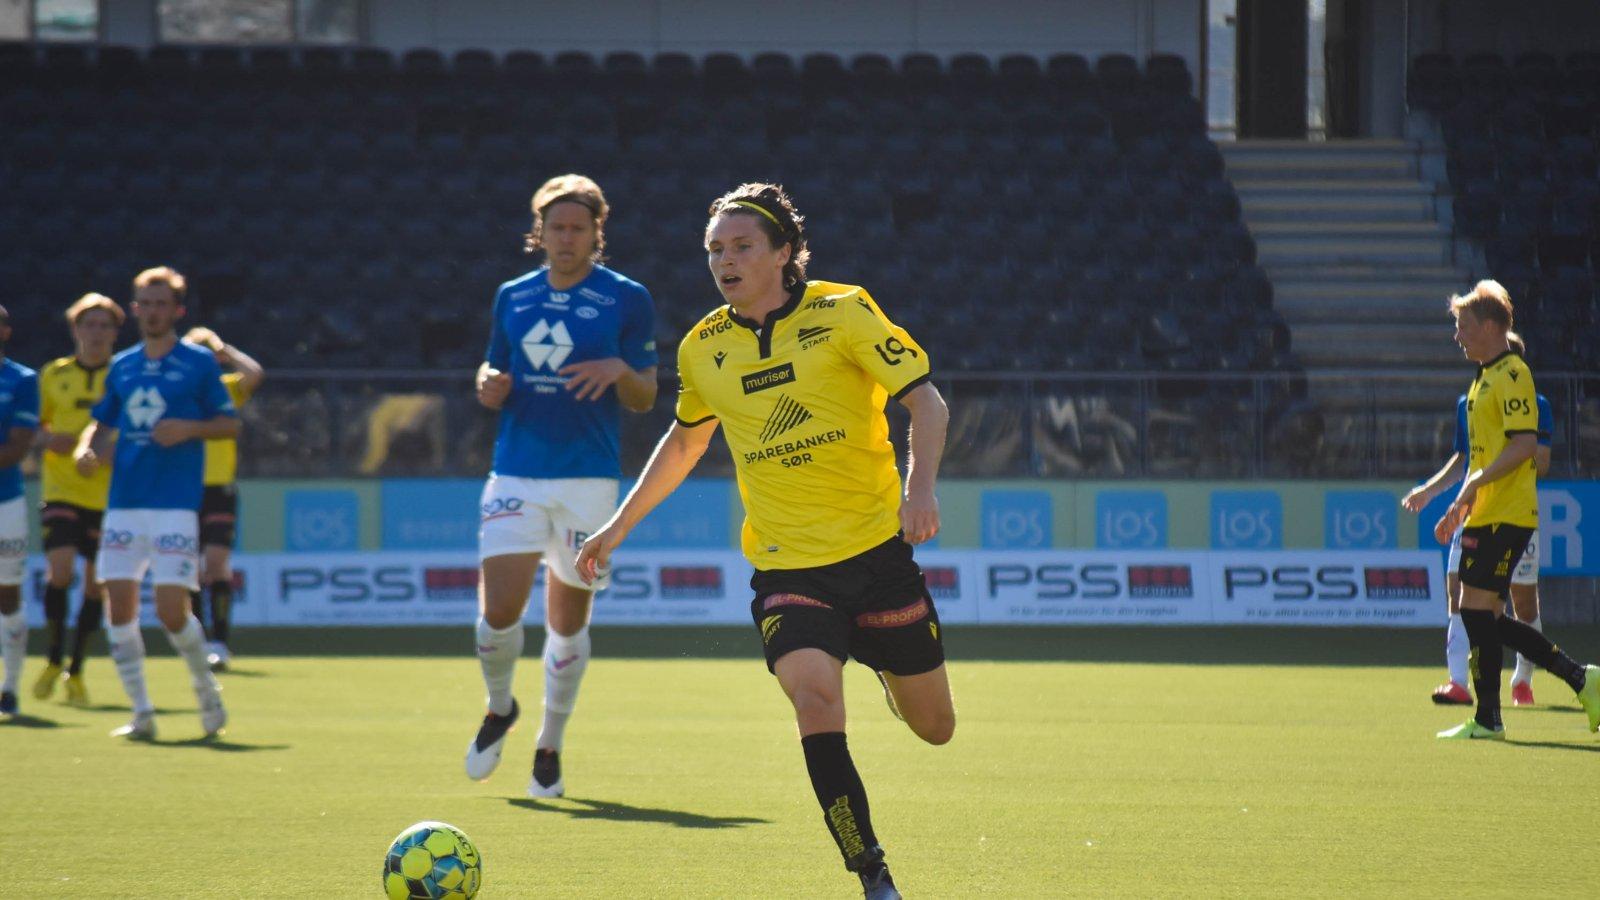 Kasper Skaanes med ball. Foto: Kristian Øverland